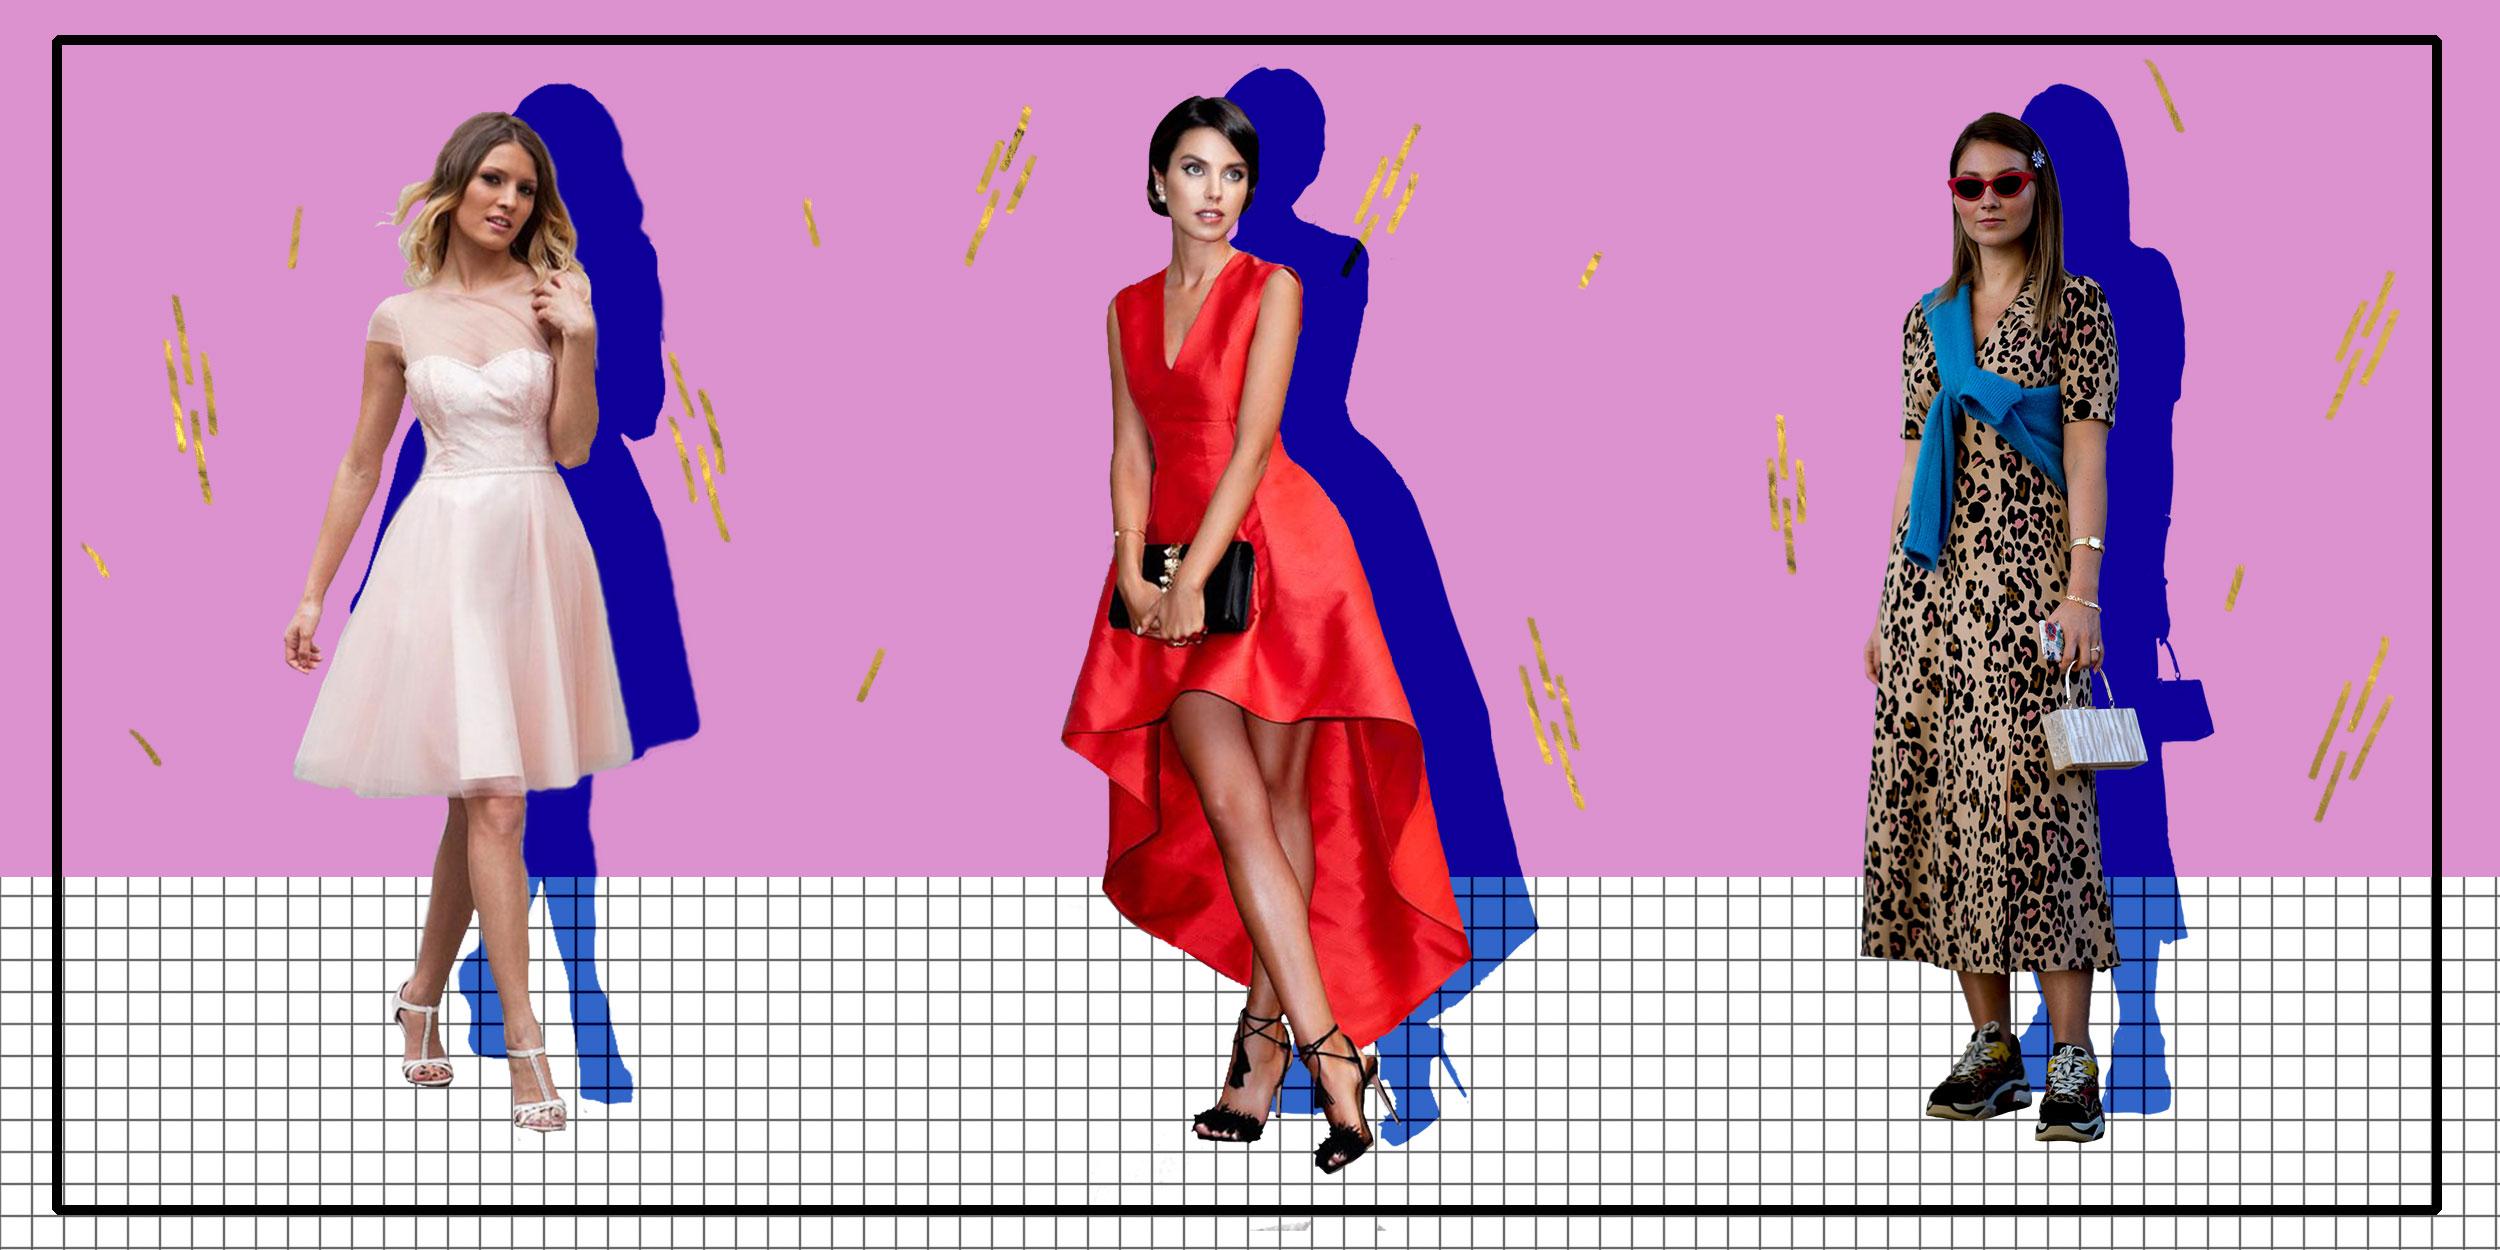 b04d69ac484be6e 10 самых модных платьев 2019 года - Лайфхакер